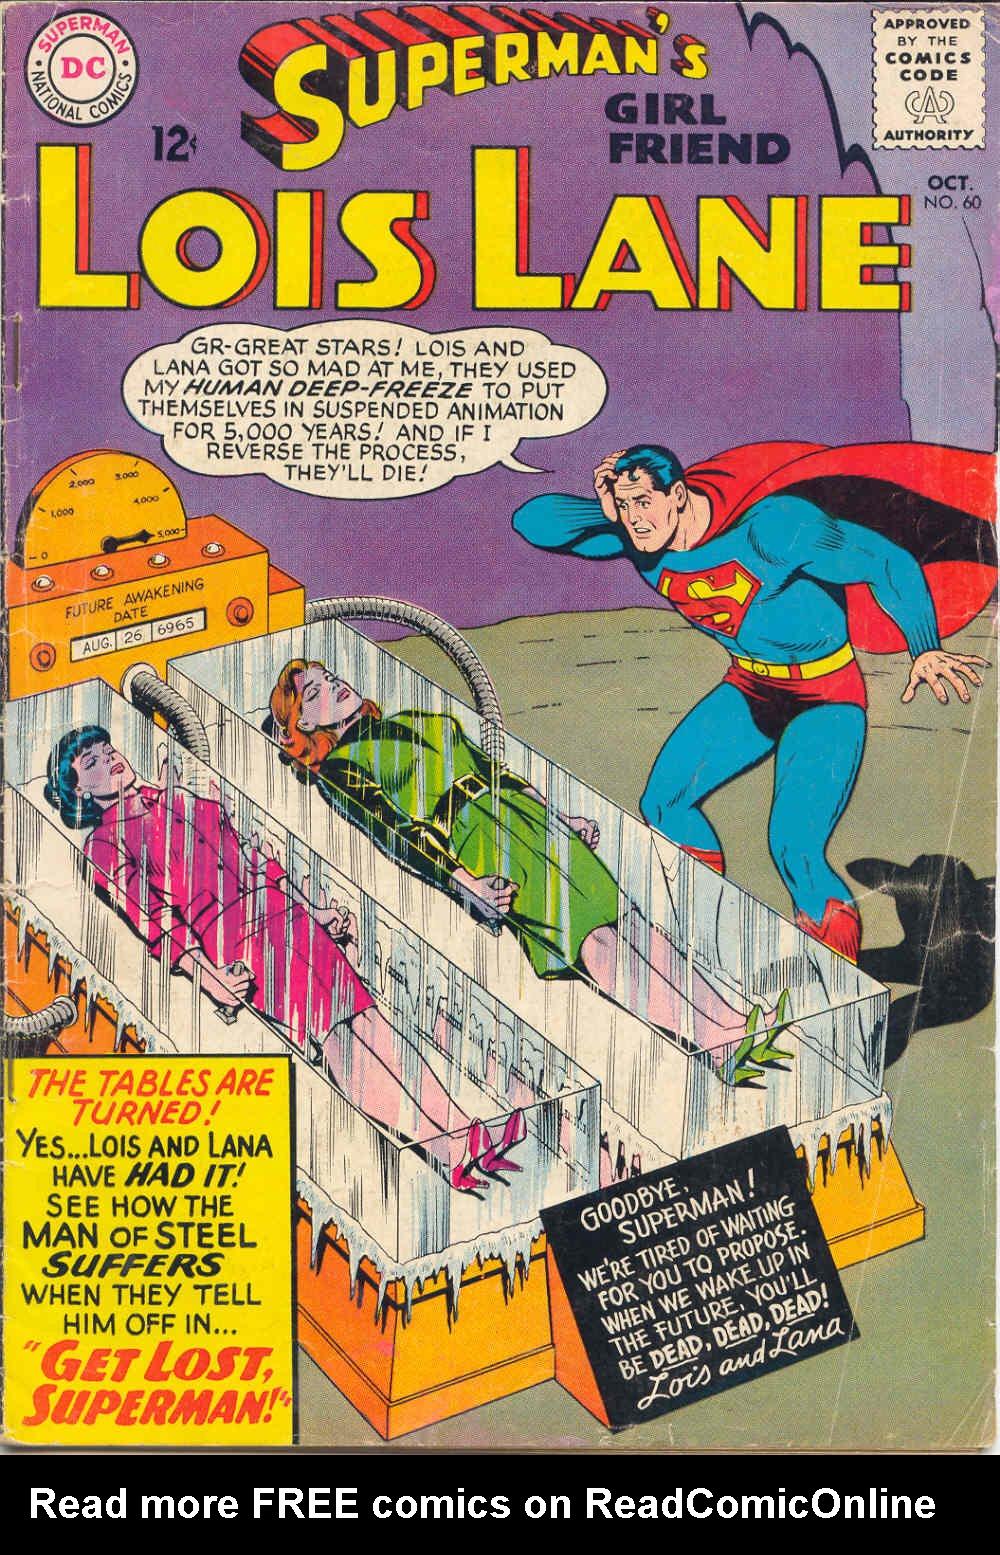 Supermans Girl Friend, Lois Lane 60 Page 1